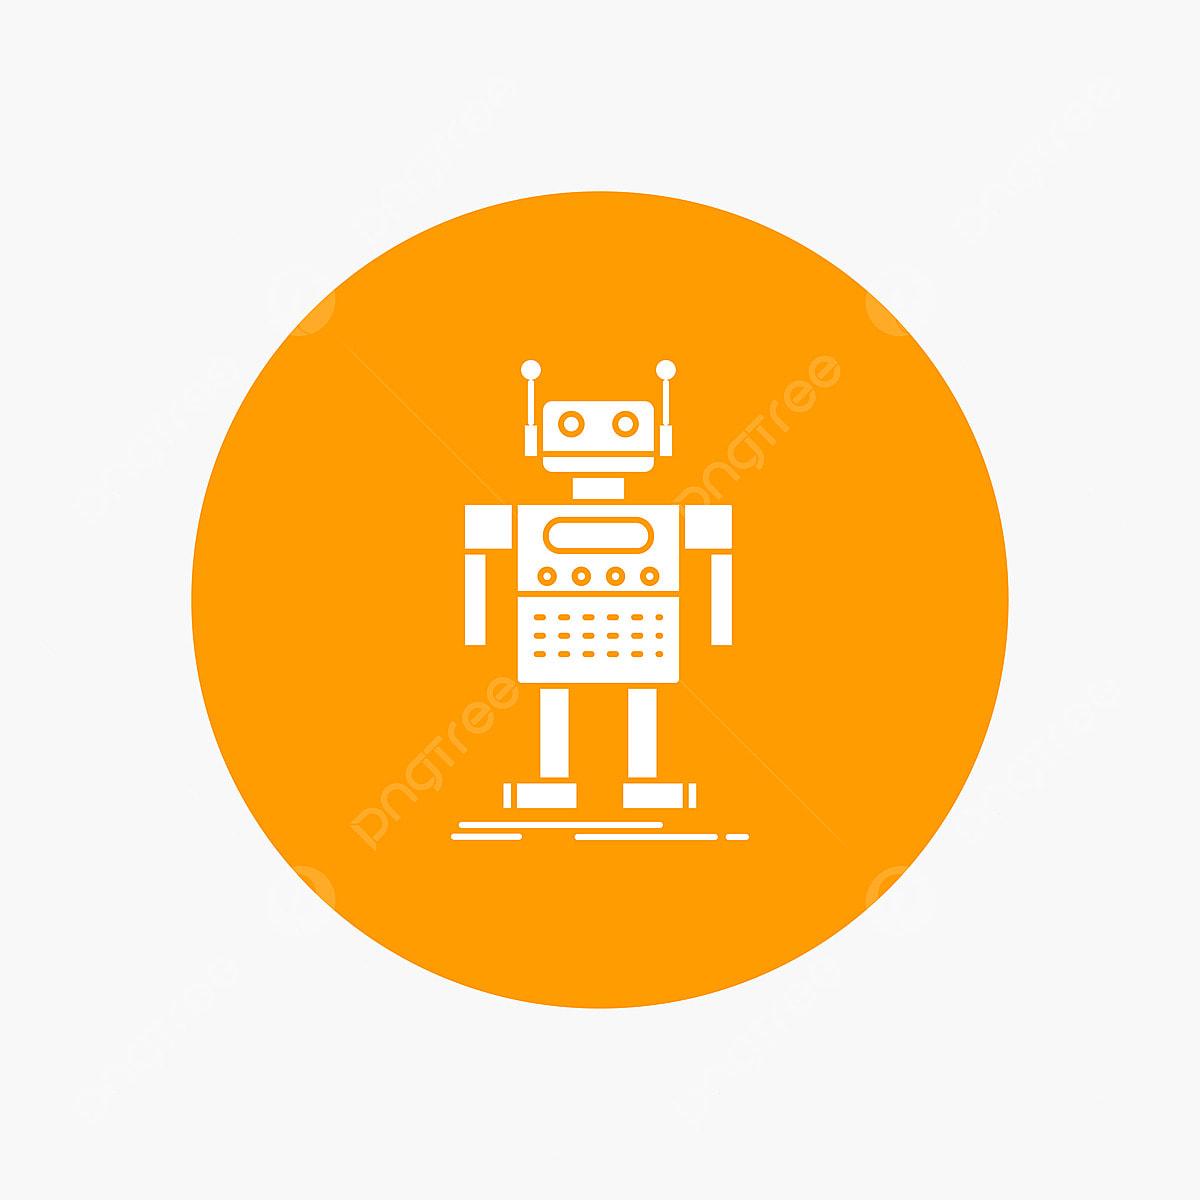 c13780d71 الروبوت الاصطناعي بوت الروبوت تقنية الأبيض رمز رسومي في حر PNG و سهم التوجيه